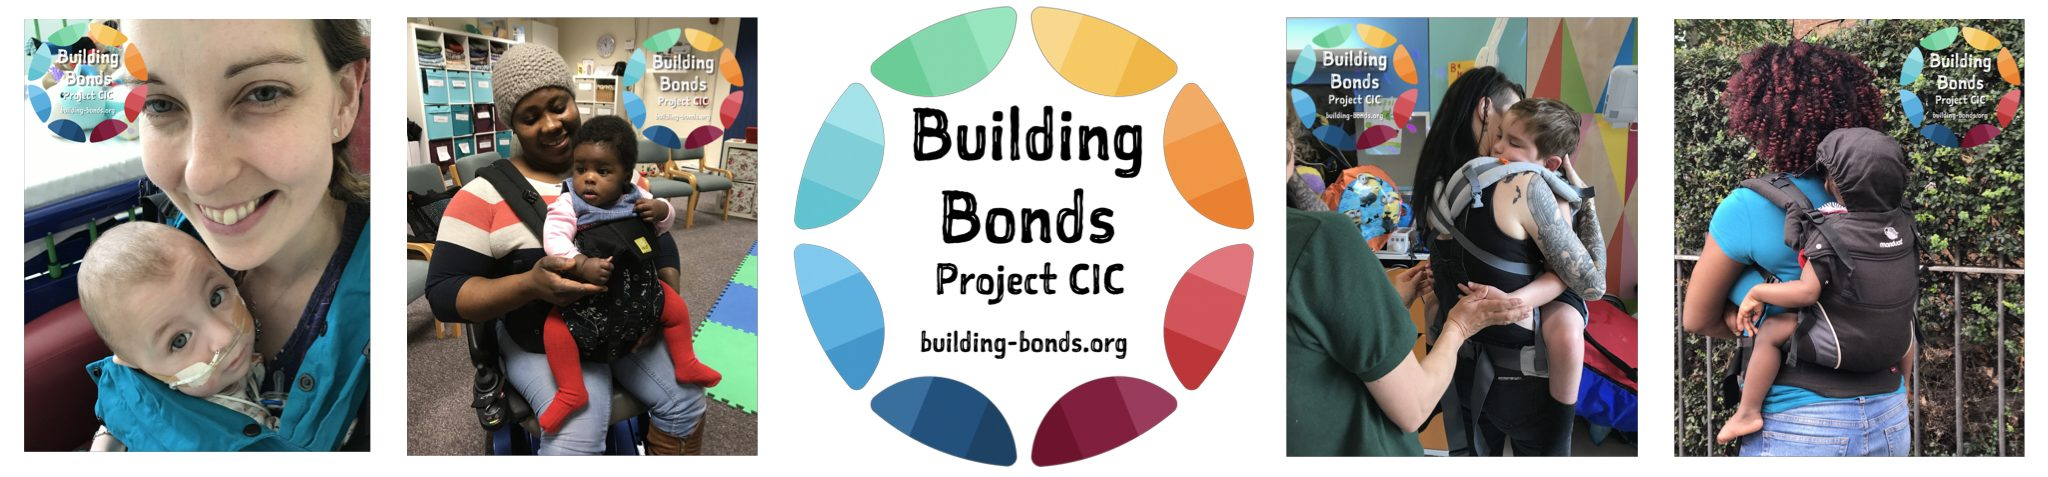 Building Bonds Project